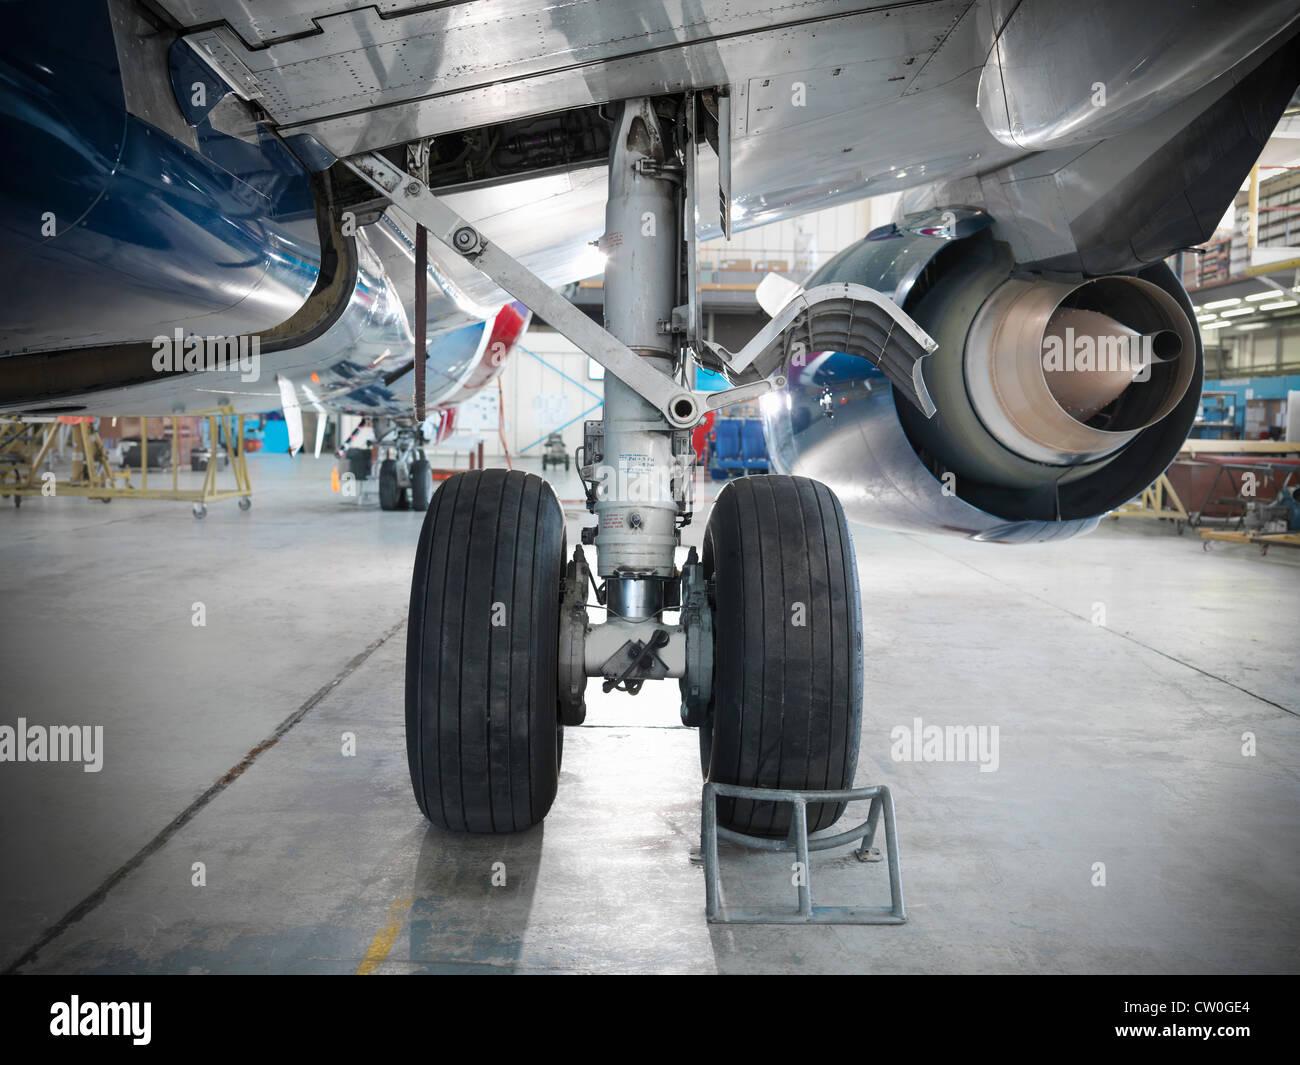 In prossimità delle ruote aereo in hangar Immagini Stock